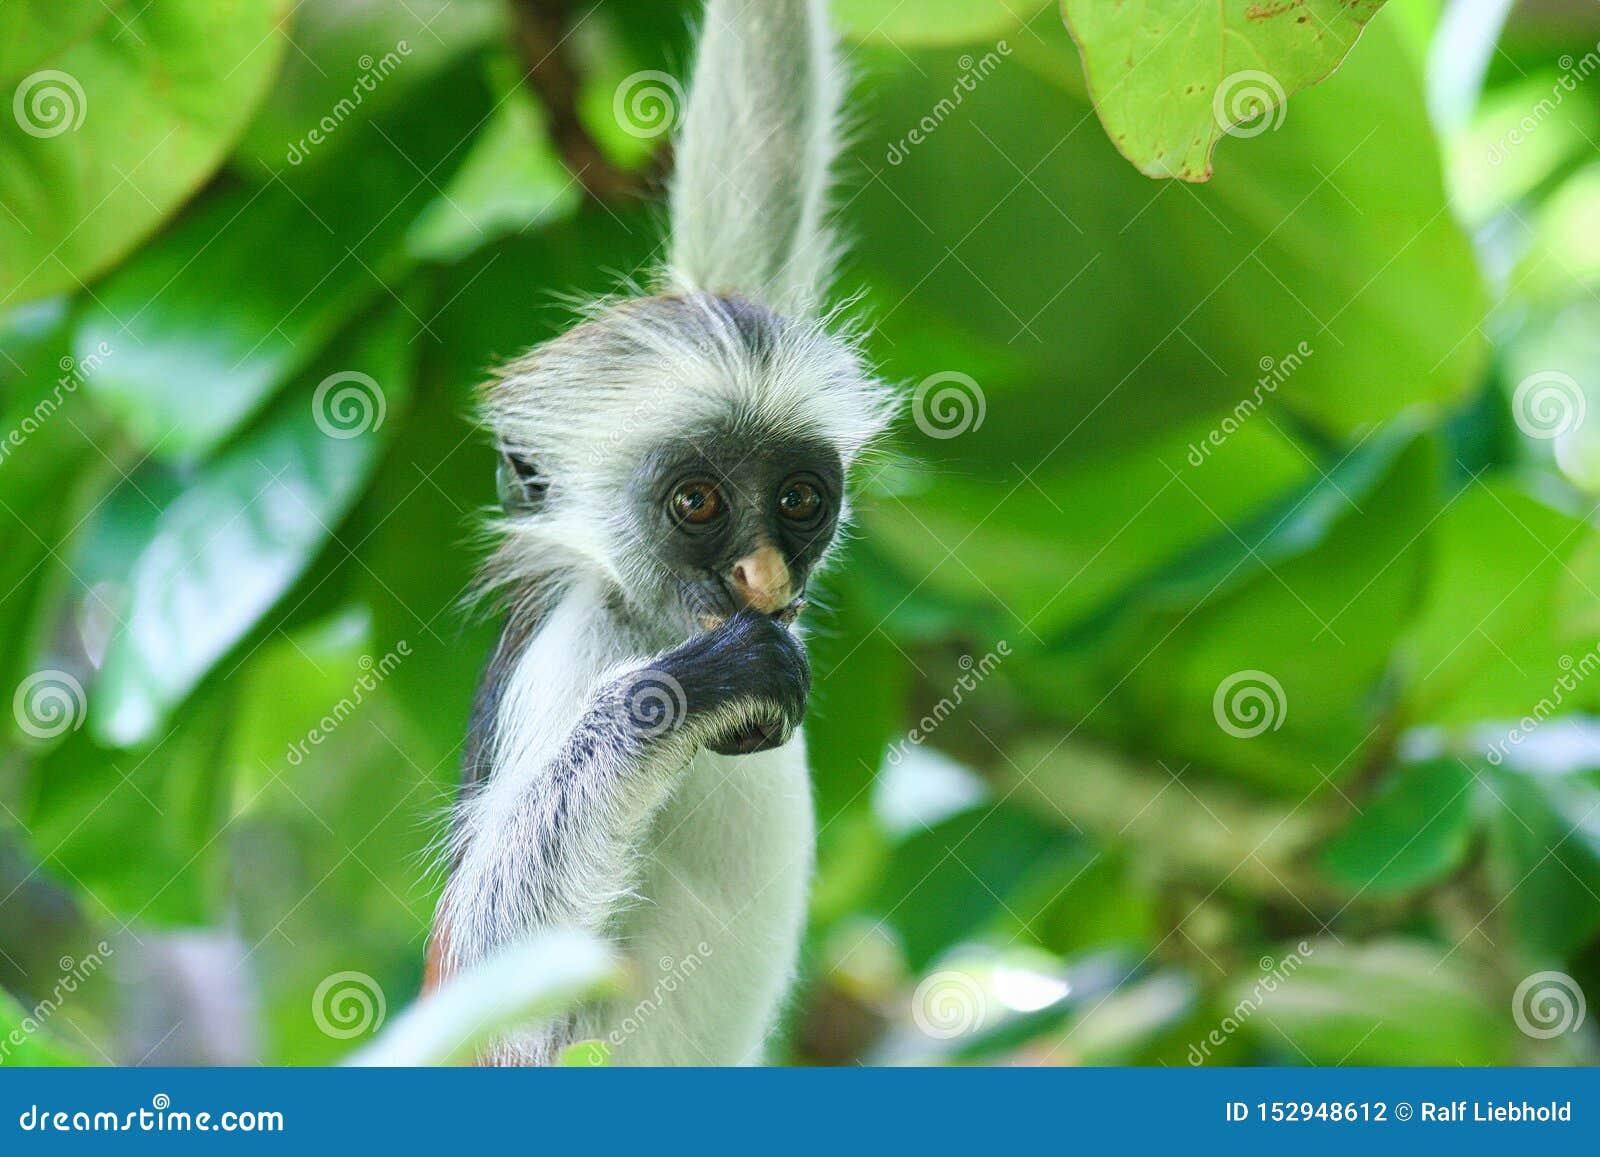 Zagrażająca młoda czerwona colobus małpa Piliocolobus, Procolobus kirkii obwieszenie na gałęziastym łasowaniu liść w drzewach